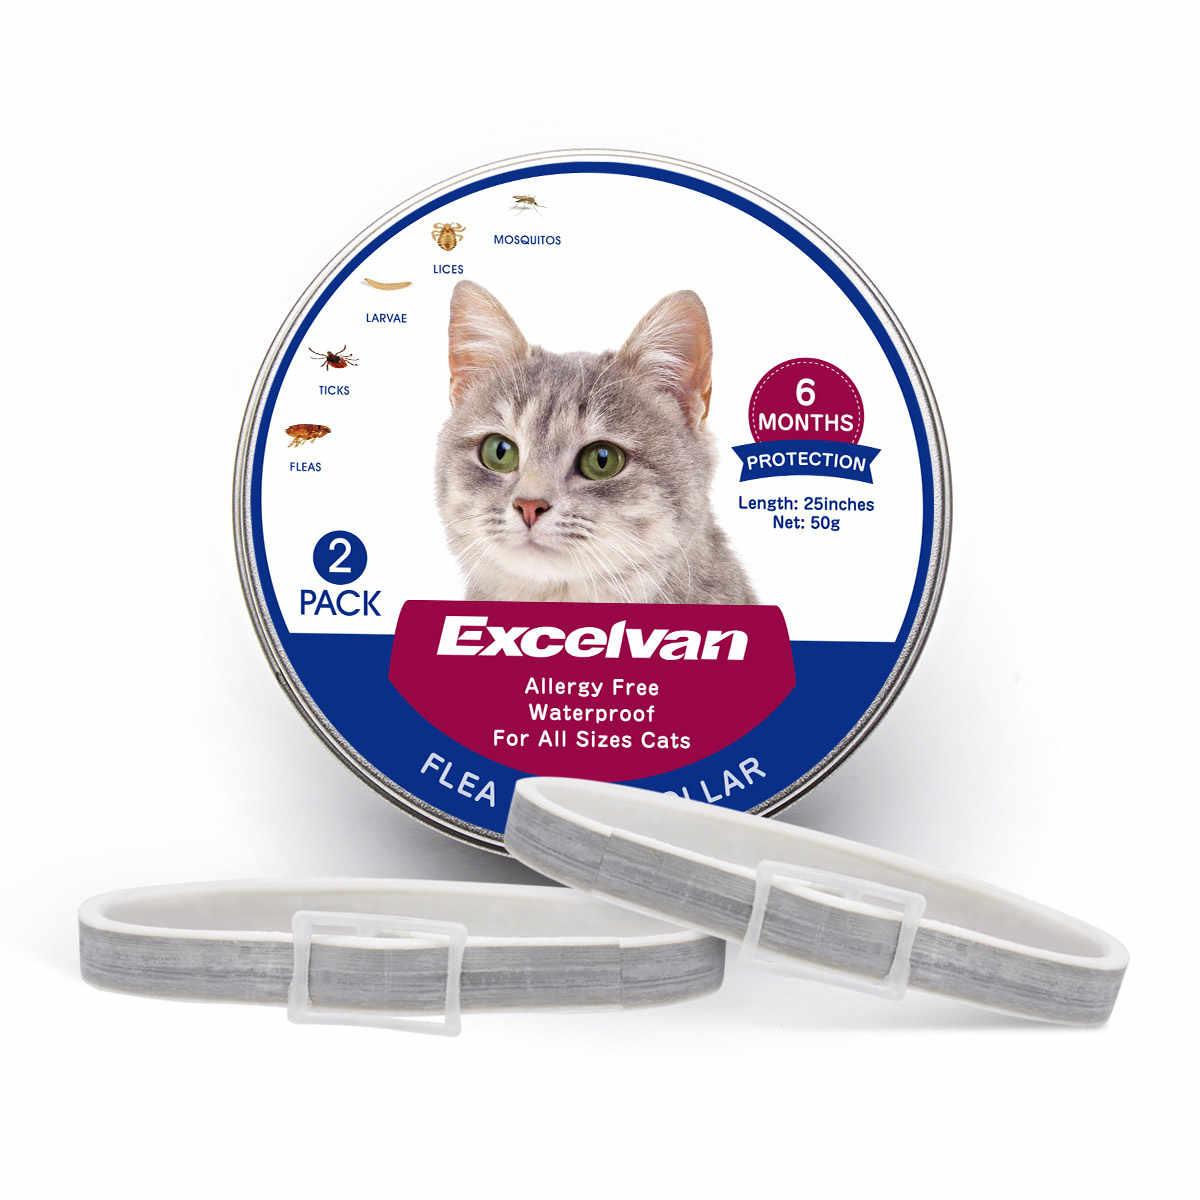 2 แพ็คเห็บหมัดสำหรับแมวสัตว์เลี้ยง Anti - แมลงยุงปรับกลางแจ้งกันน้ำสุนัข 6 เดือนระยะยาวปกป้อง